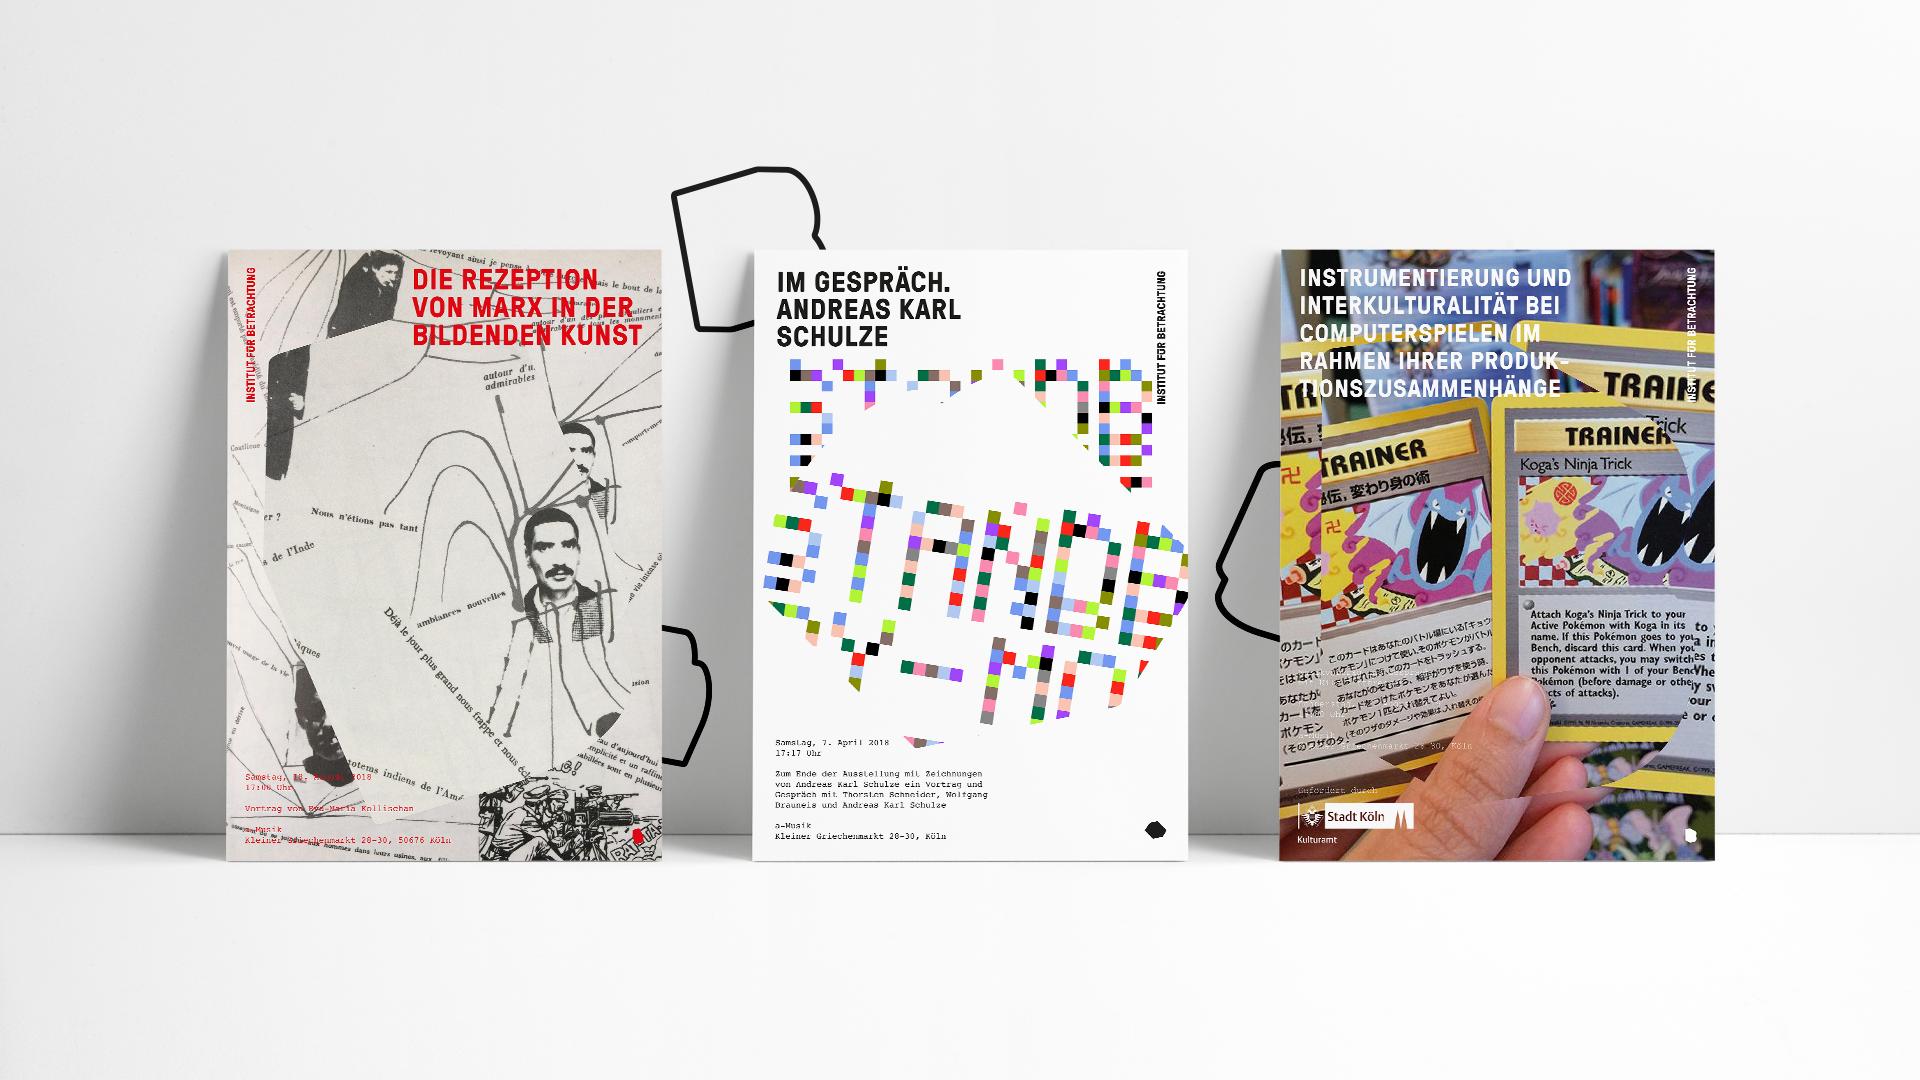 Drei nebeneinander platzierte Poster mit Veranstaltungsankündigungen des Instituts für Betrachtung.